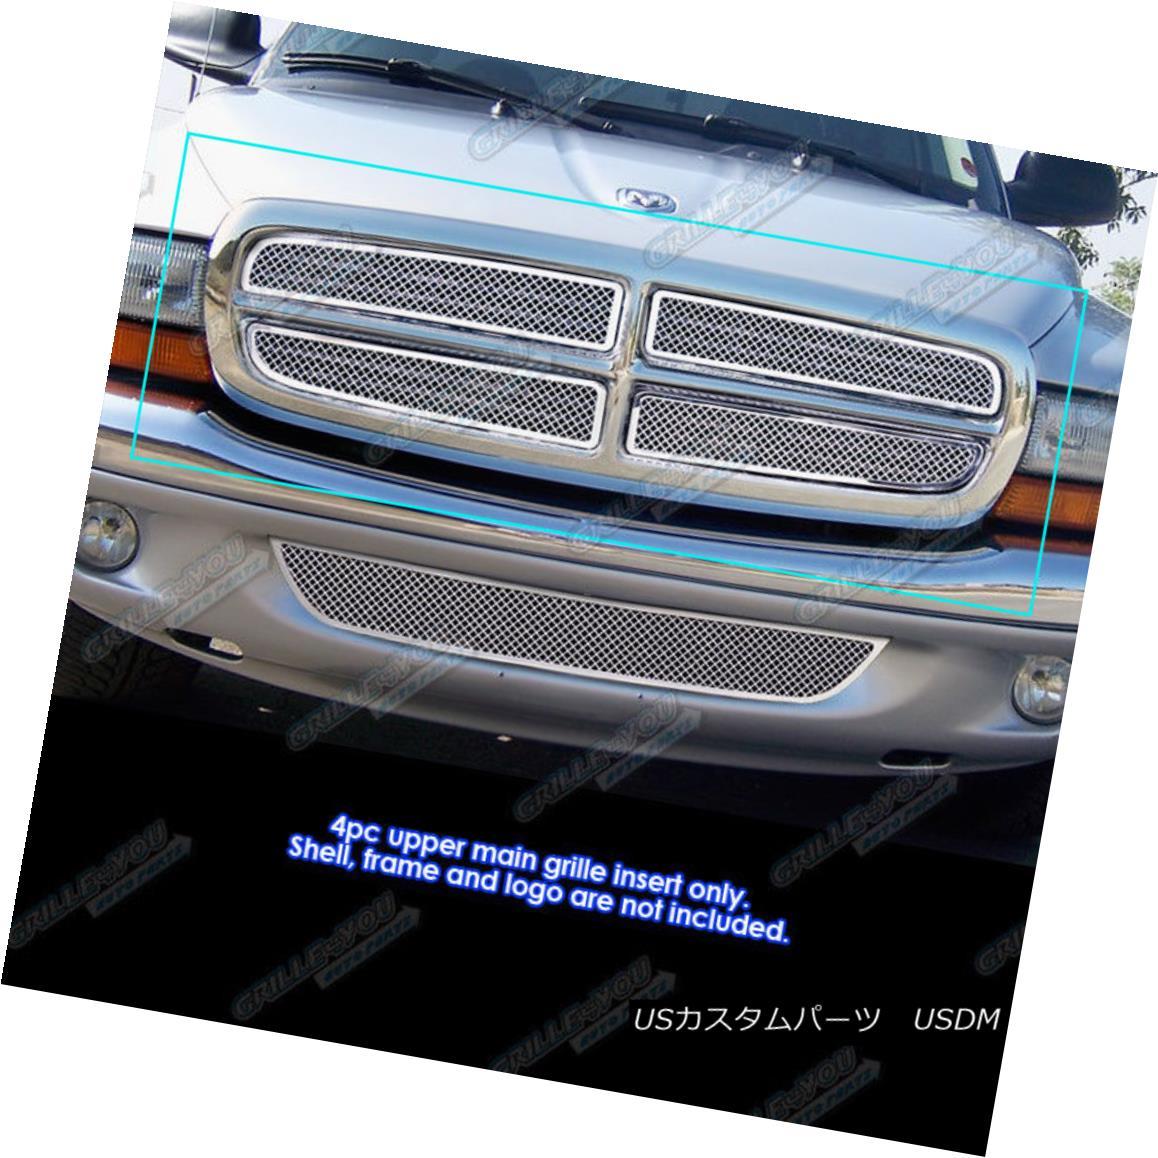 グリル 1997-2004 Dodge Dakota/97-2003 Durango Stainless Steel Mesh Grille Grill Insert 1997-2004 Dodge Dakota / 97-2003 Durangoステンレスメッシュグリルグリルインサート